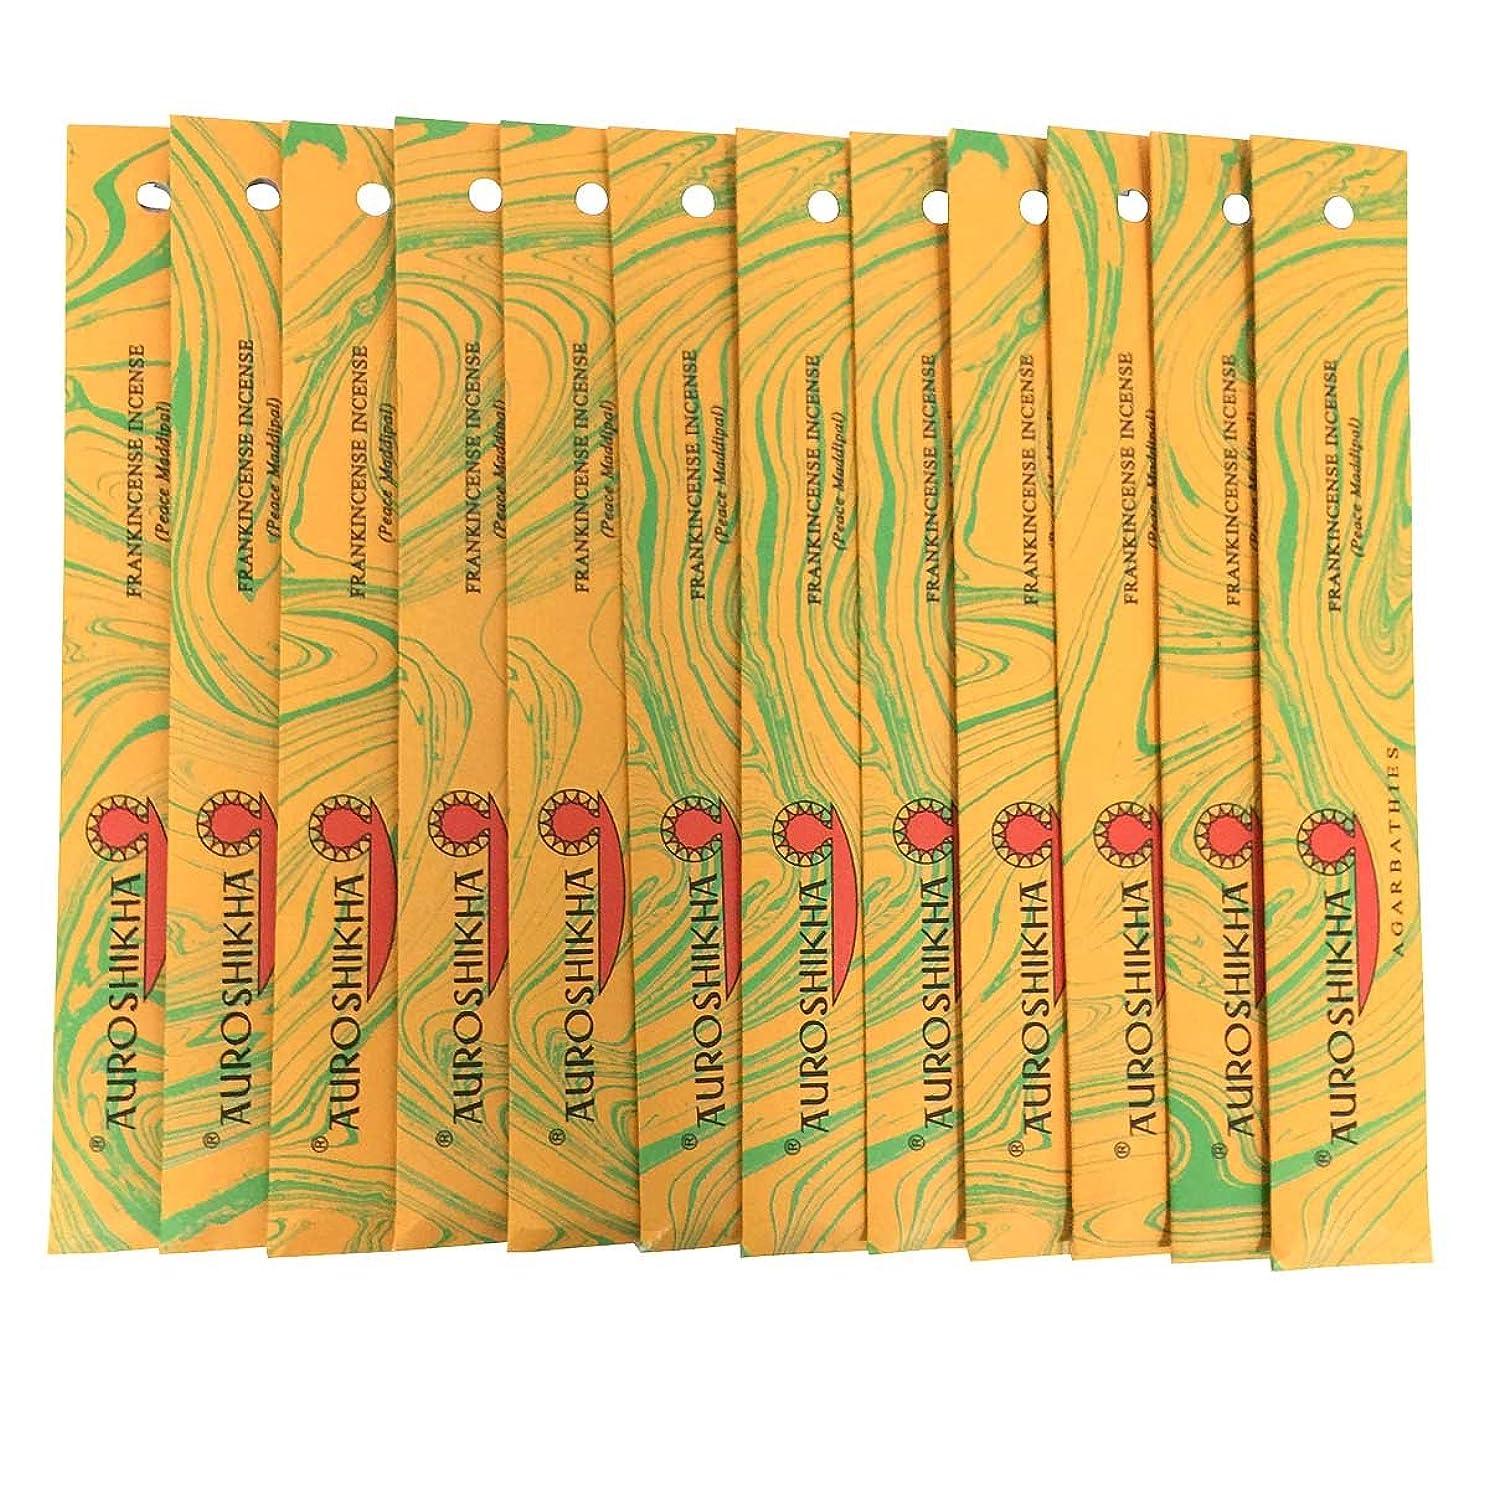 イヤホンパンためらうAUROSHIKHA オウロシカ(FRANKINCENSEフランキンセンス12個セット) マーブルパッケージスティック 送料無料